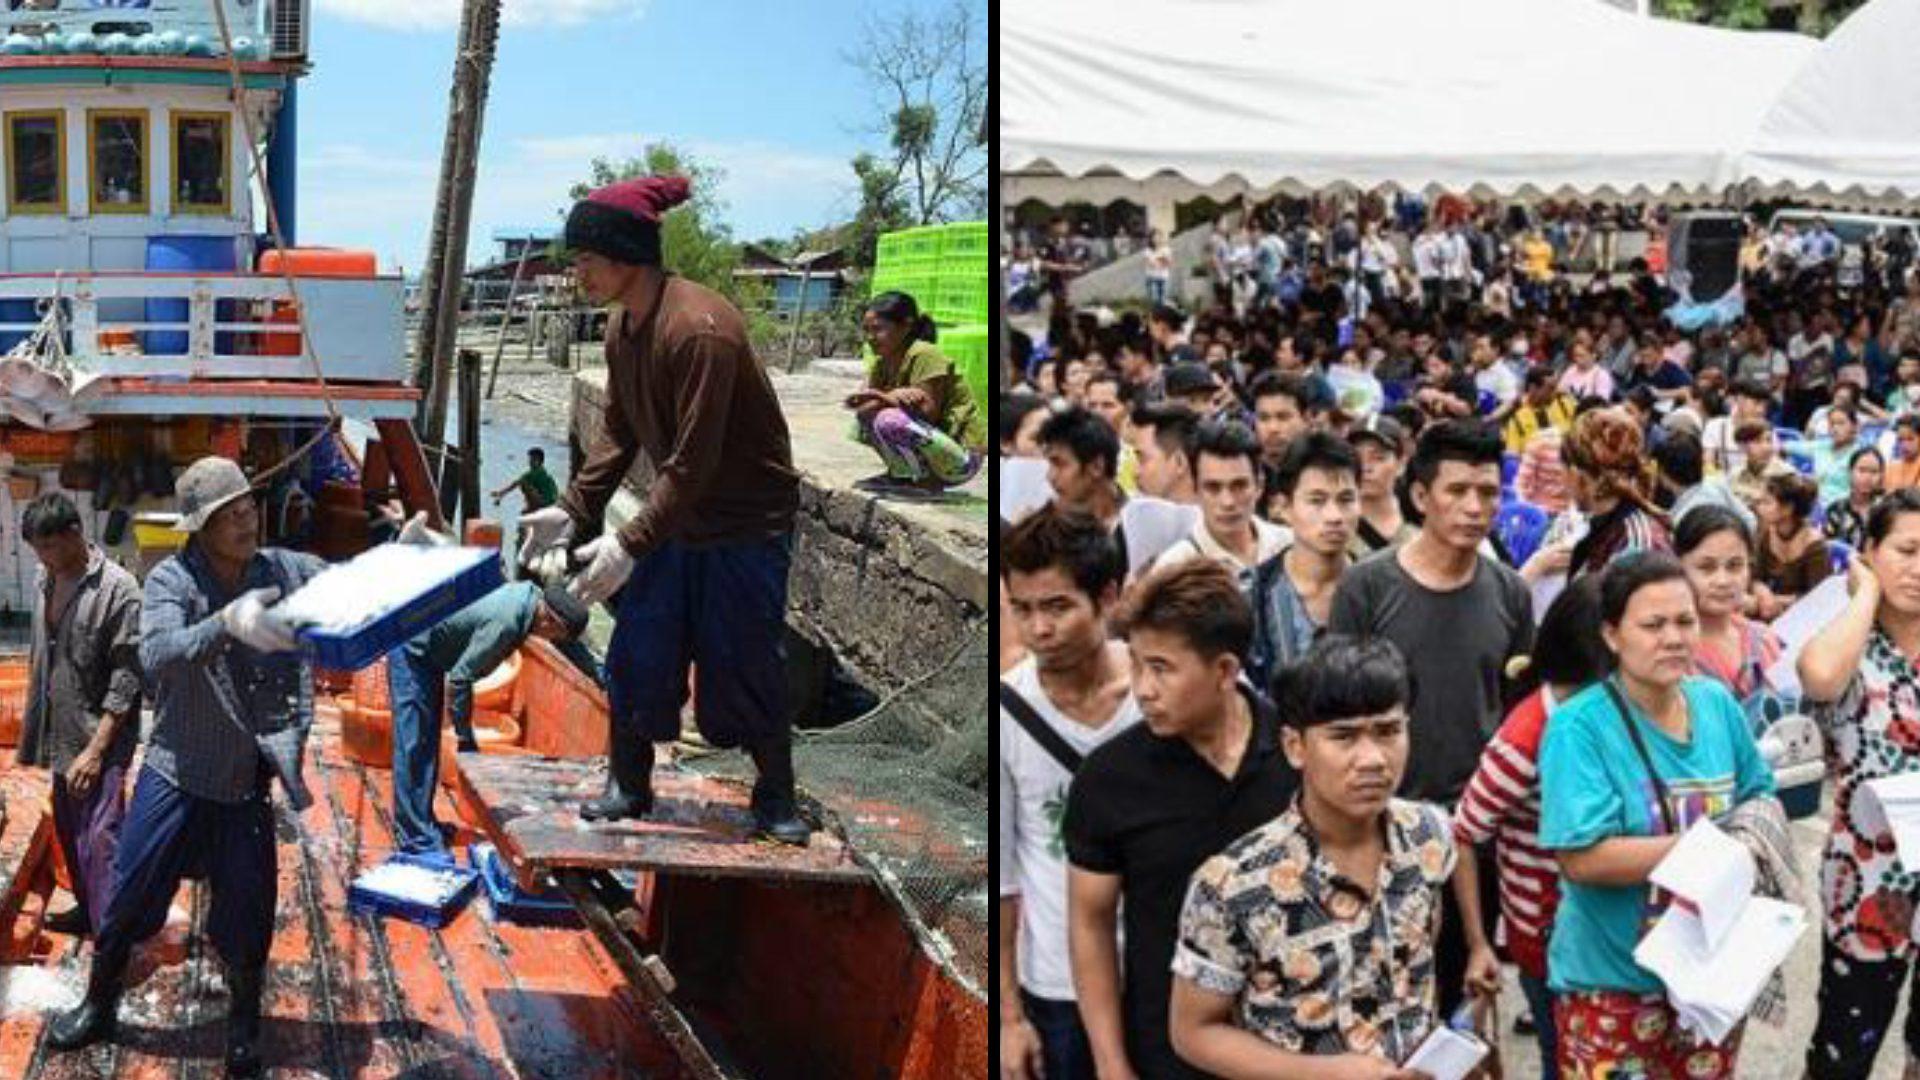 องค์กรแรงงานเมียนมา เรียกร้องไทยรับแรงงาน 60,000 คน ชี้แรงงานเดือดร้อนหนัก